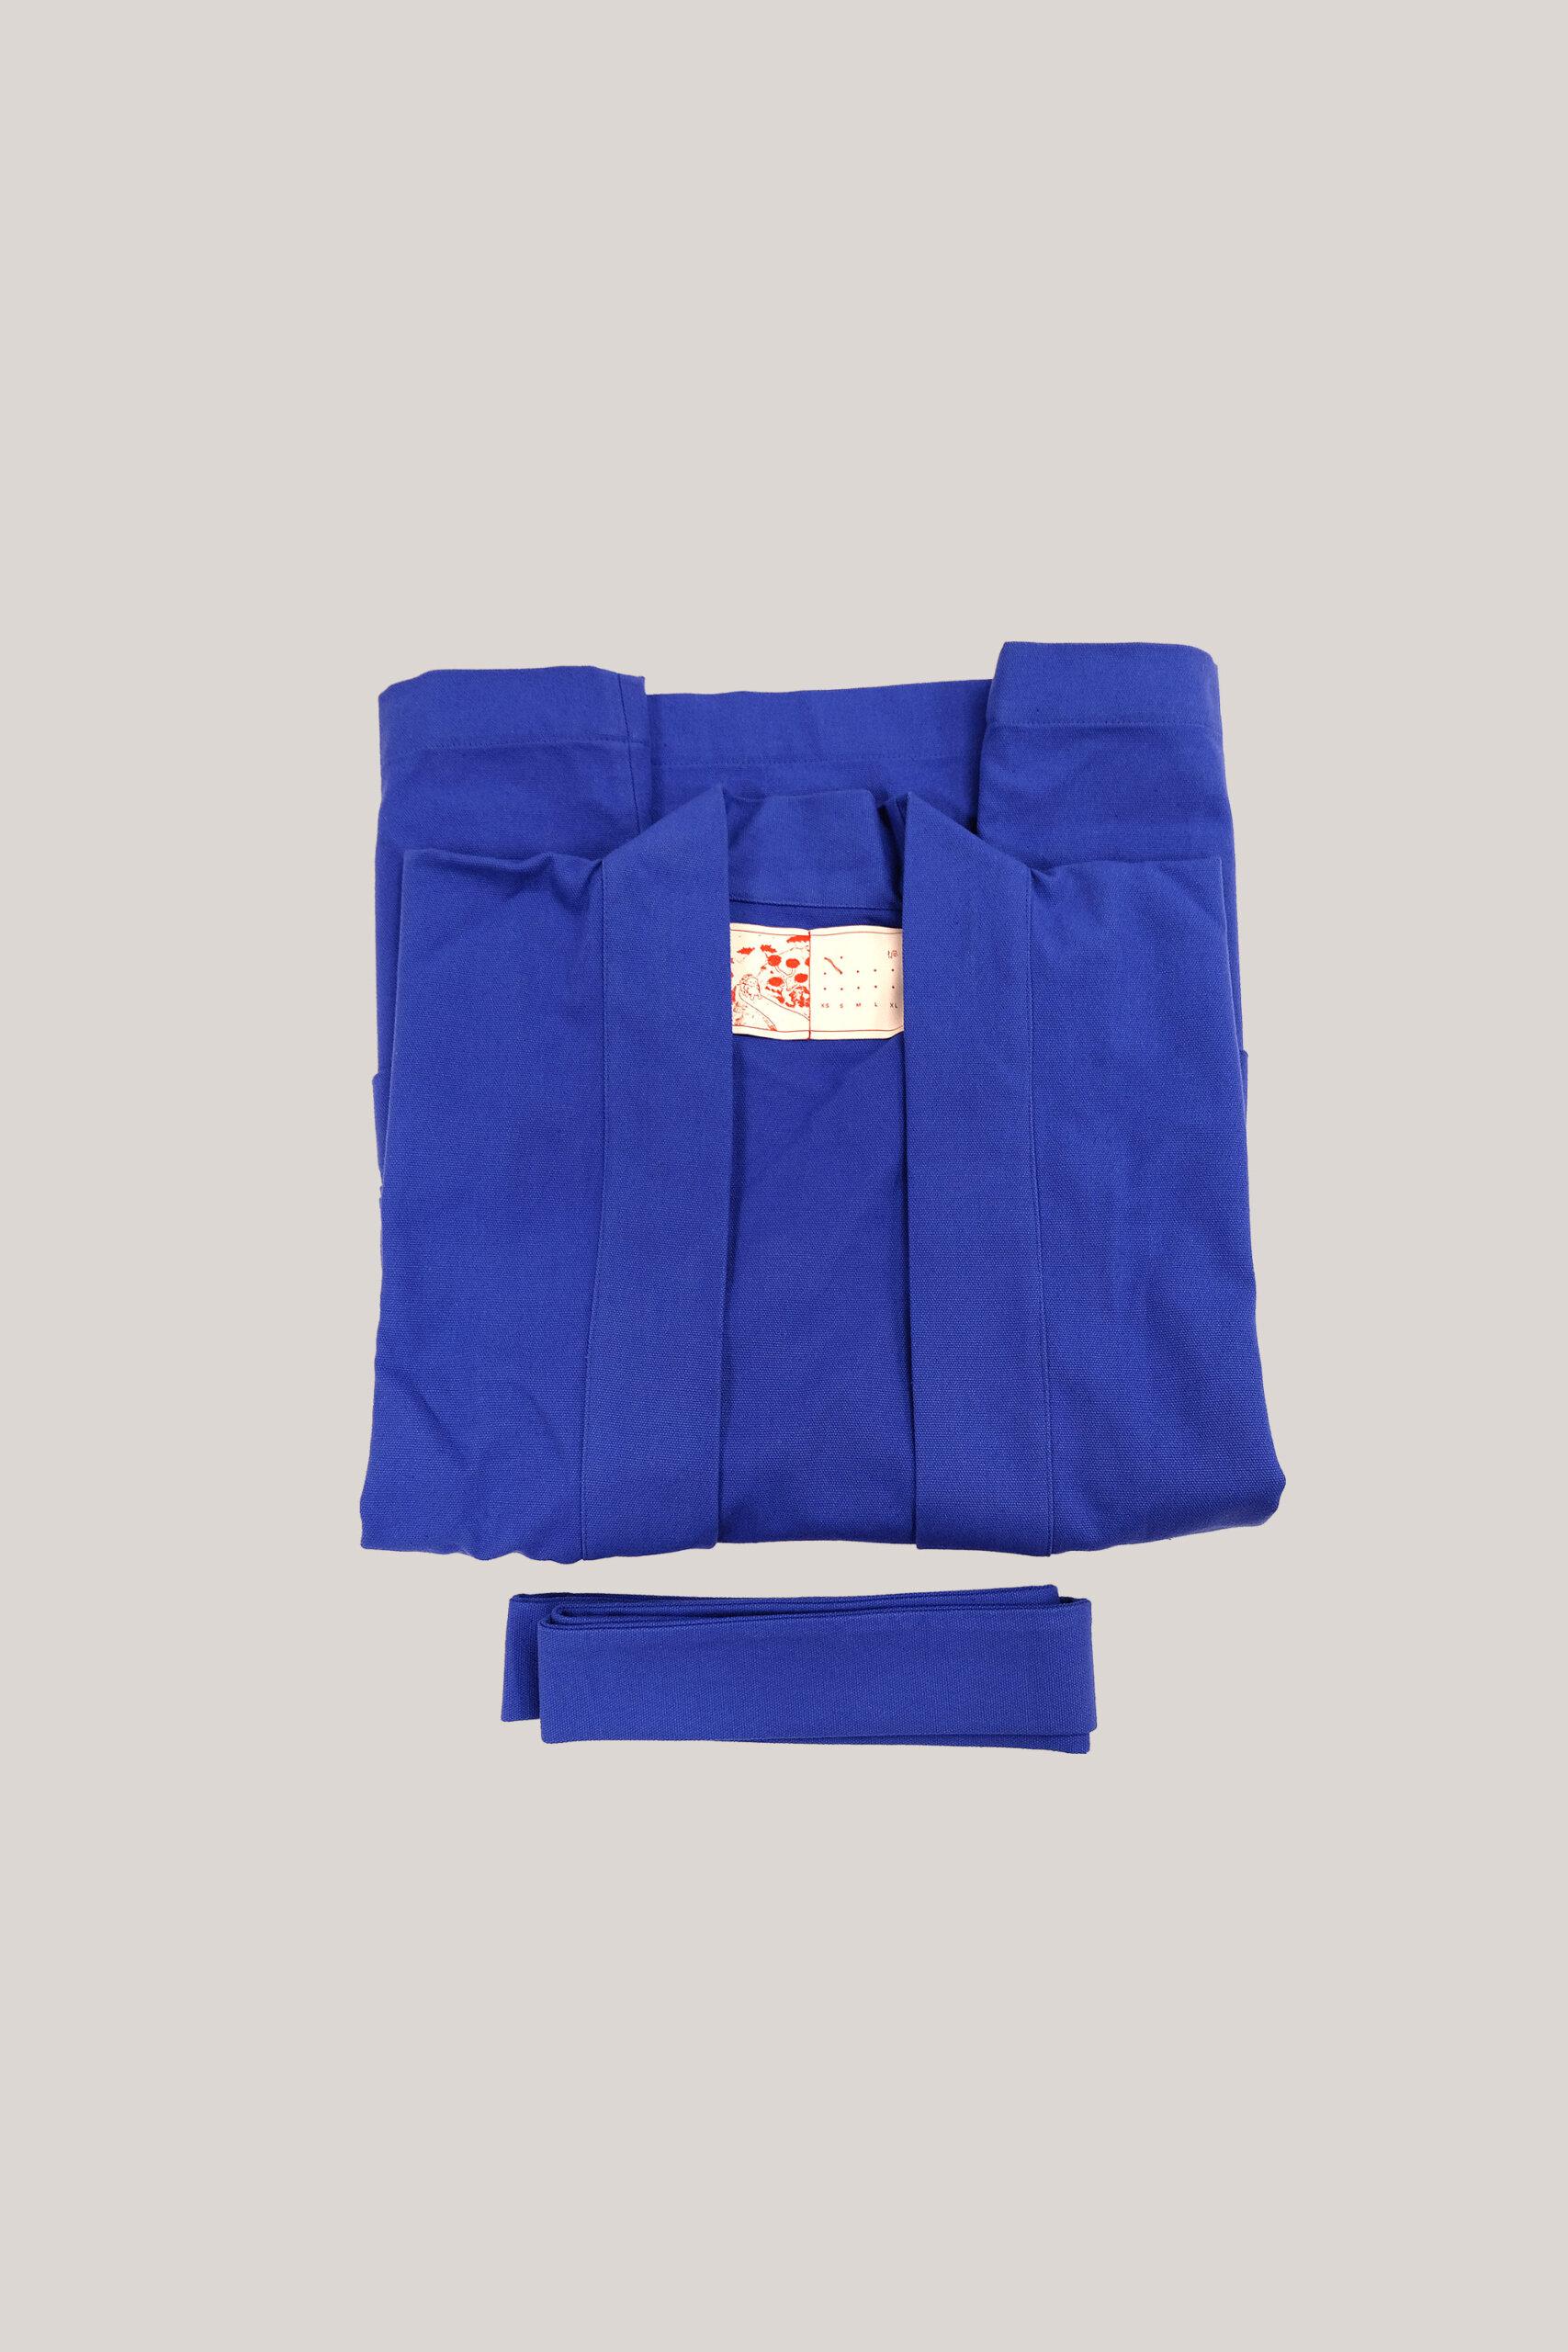 29-Haori-Blue-3